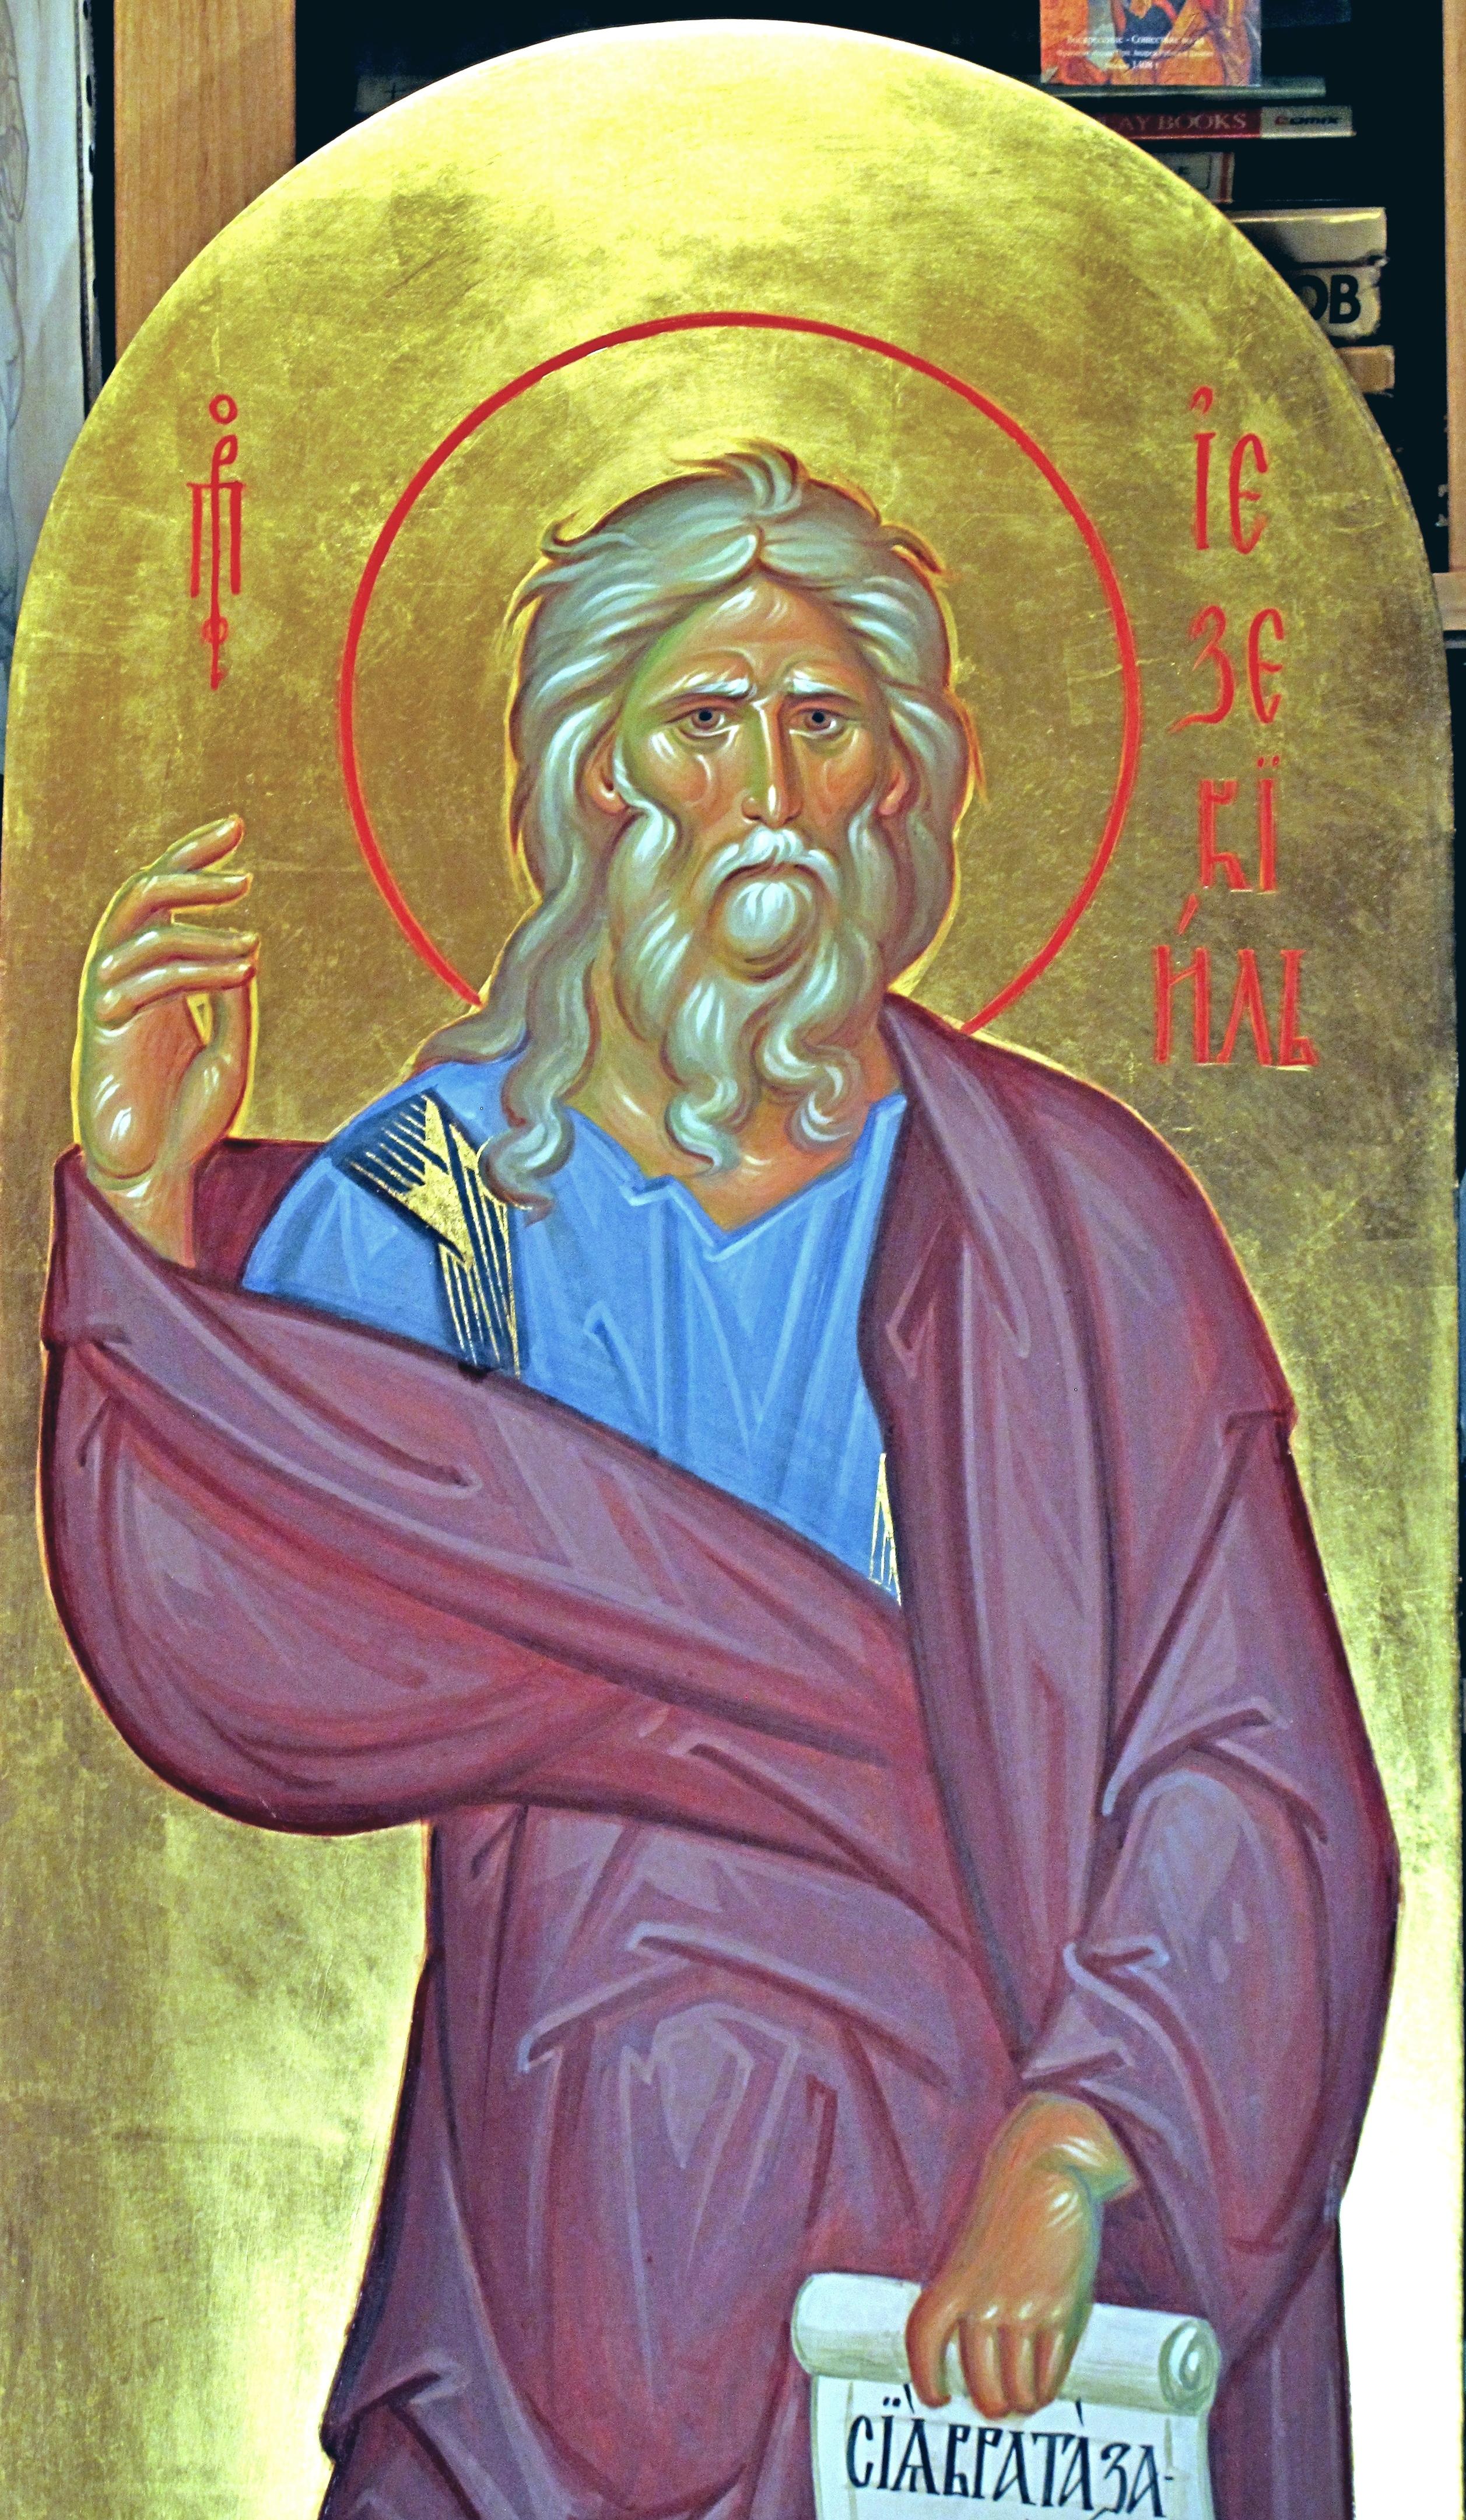 Святой Пророк Иезекииль. Иконописец Наталия Пискунова. Фрагмент иконы.